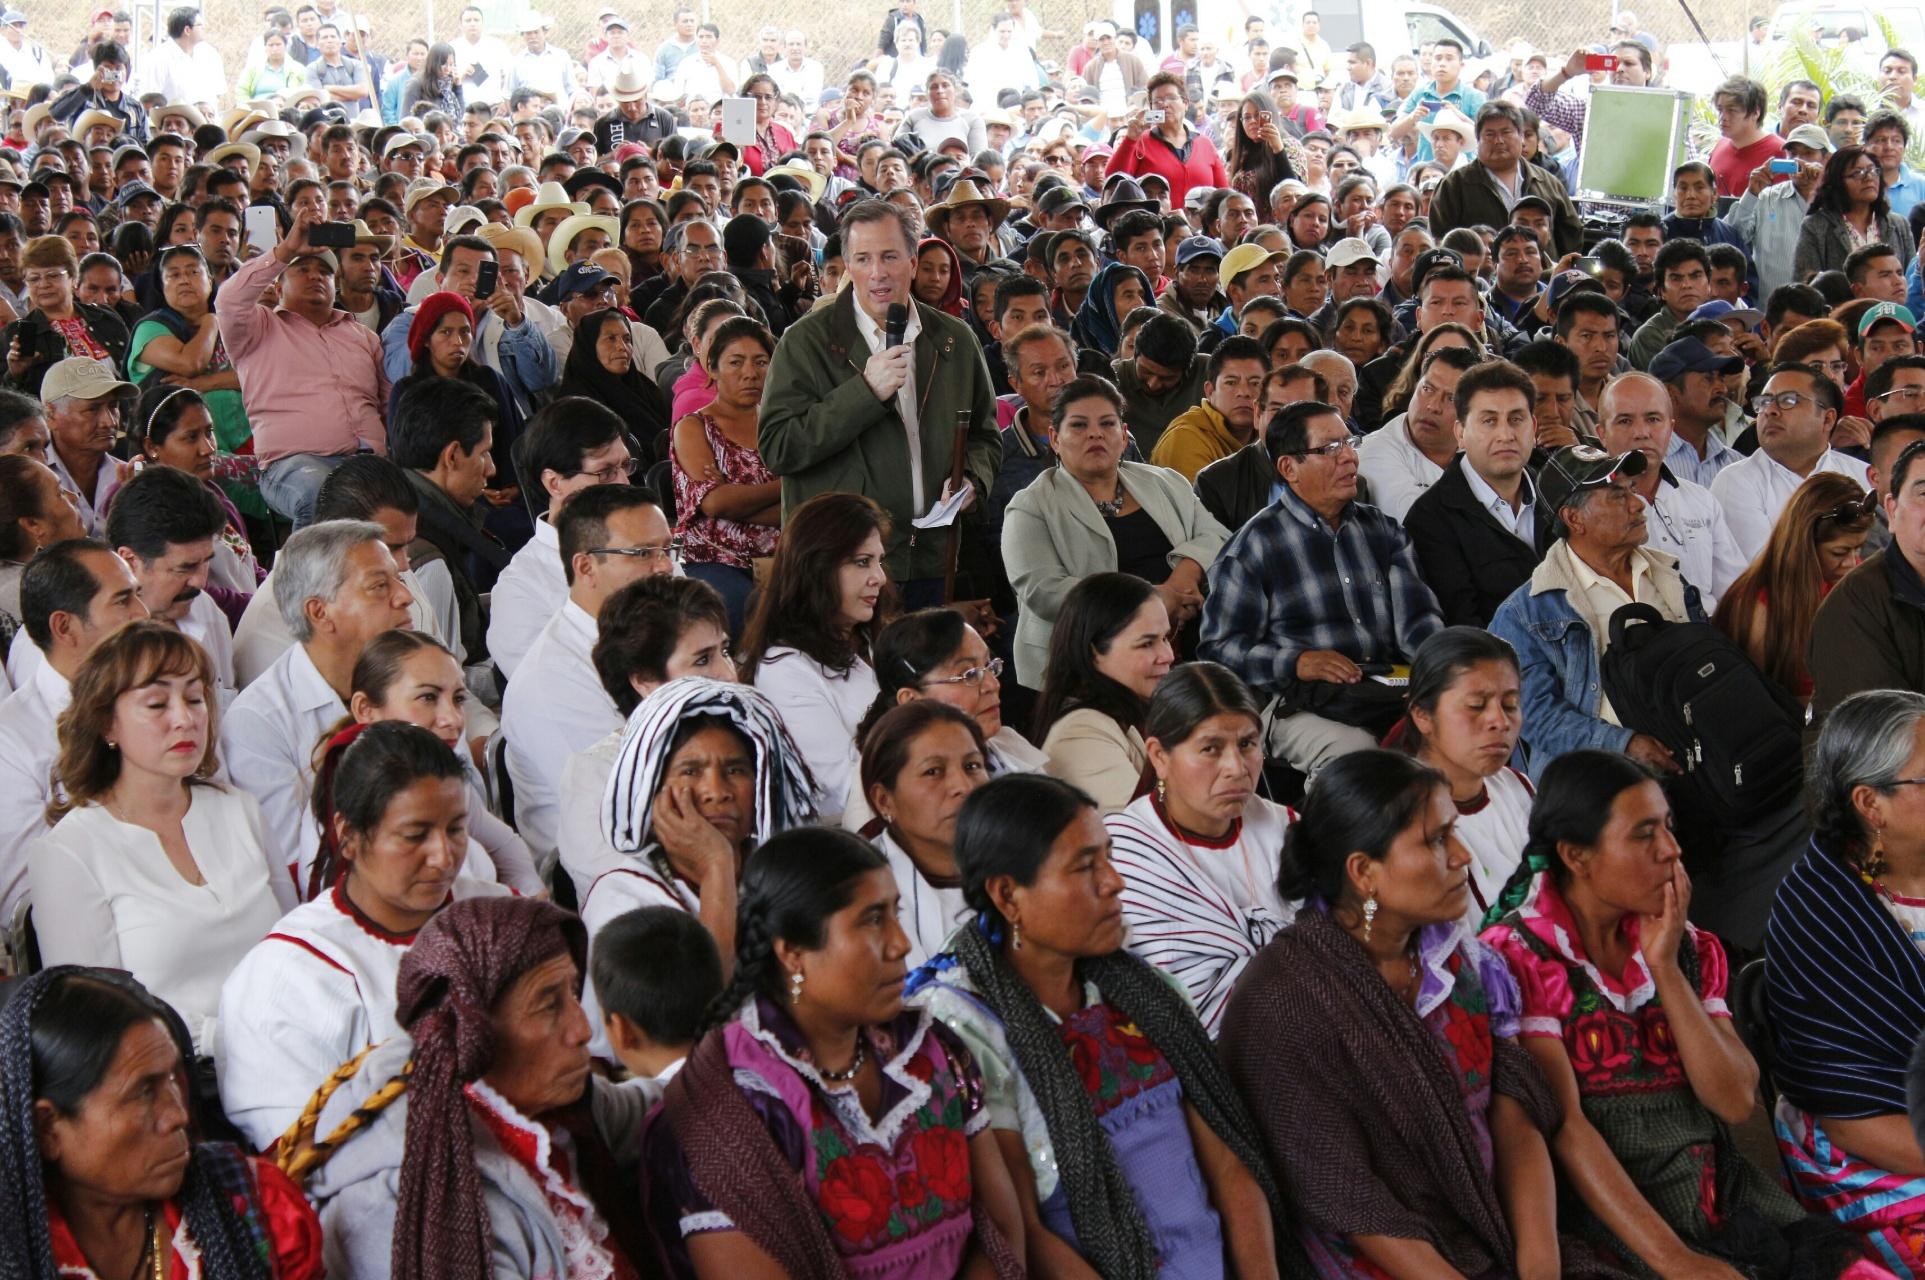 FOTO 2 El titular de la Secretar a de Desarrollo Social realiz  una gira de trabajo por el estado de Oaxaca  donde se reuni  con productores de caf  y pavo.jpg